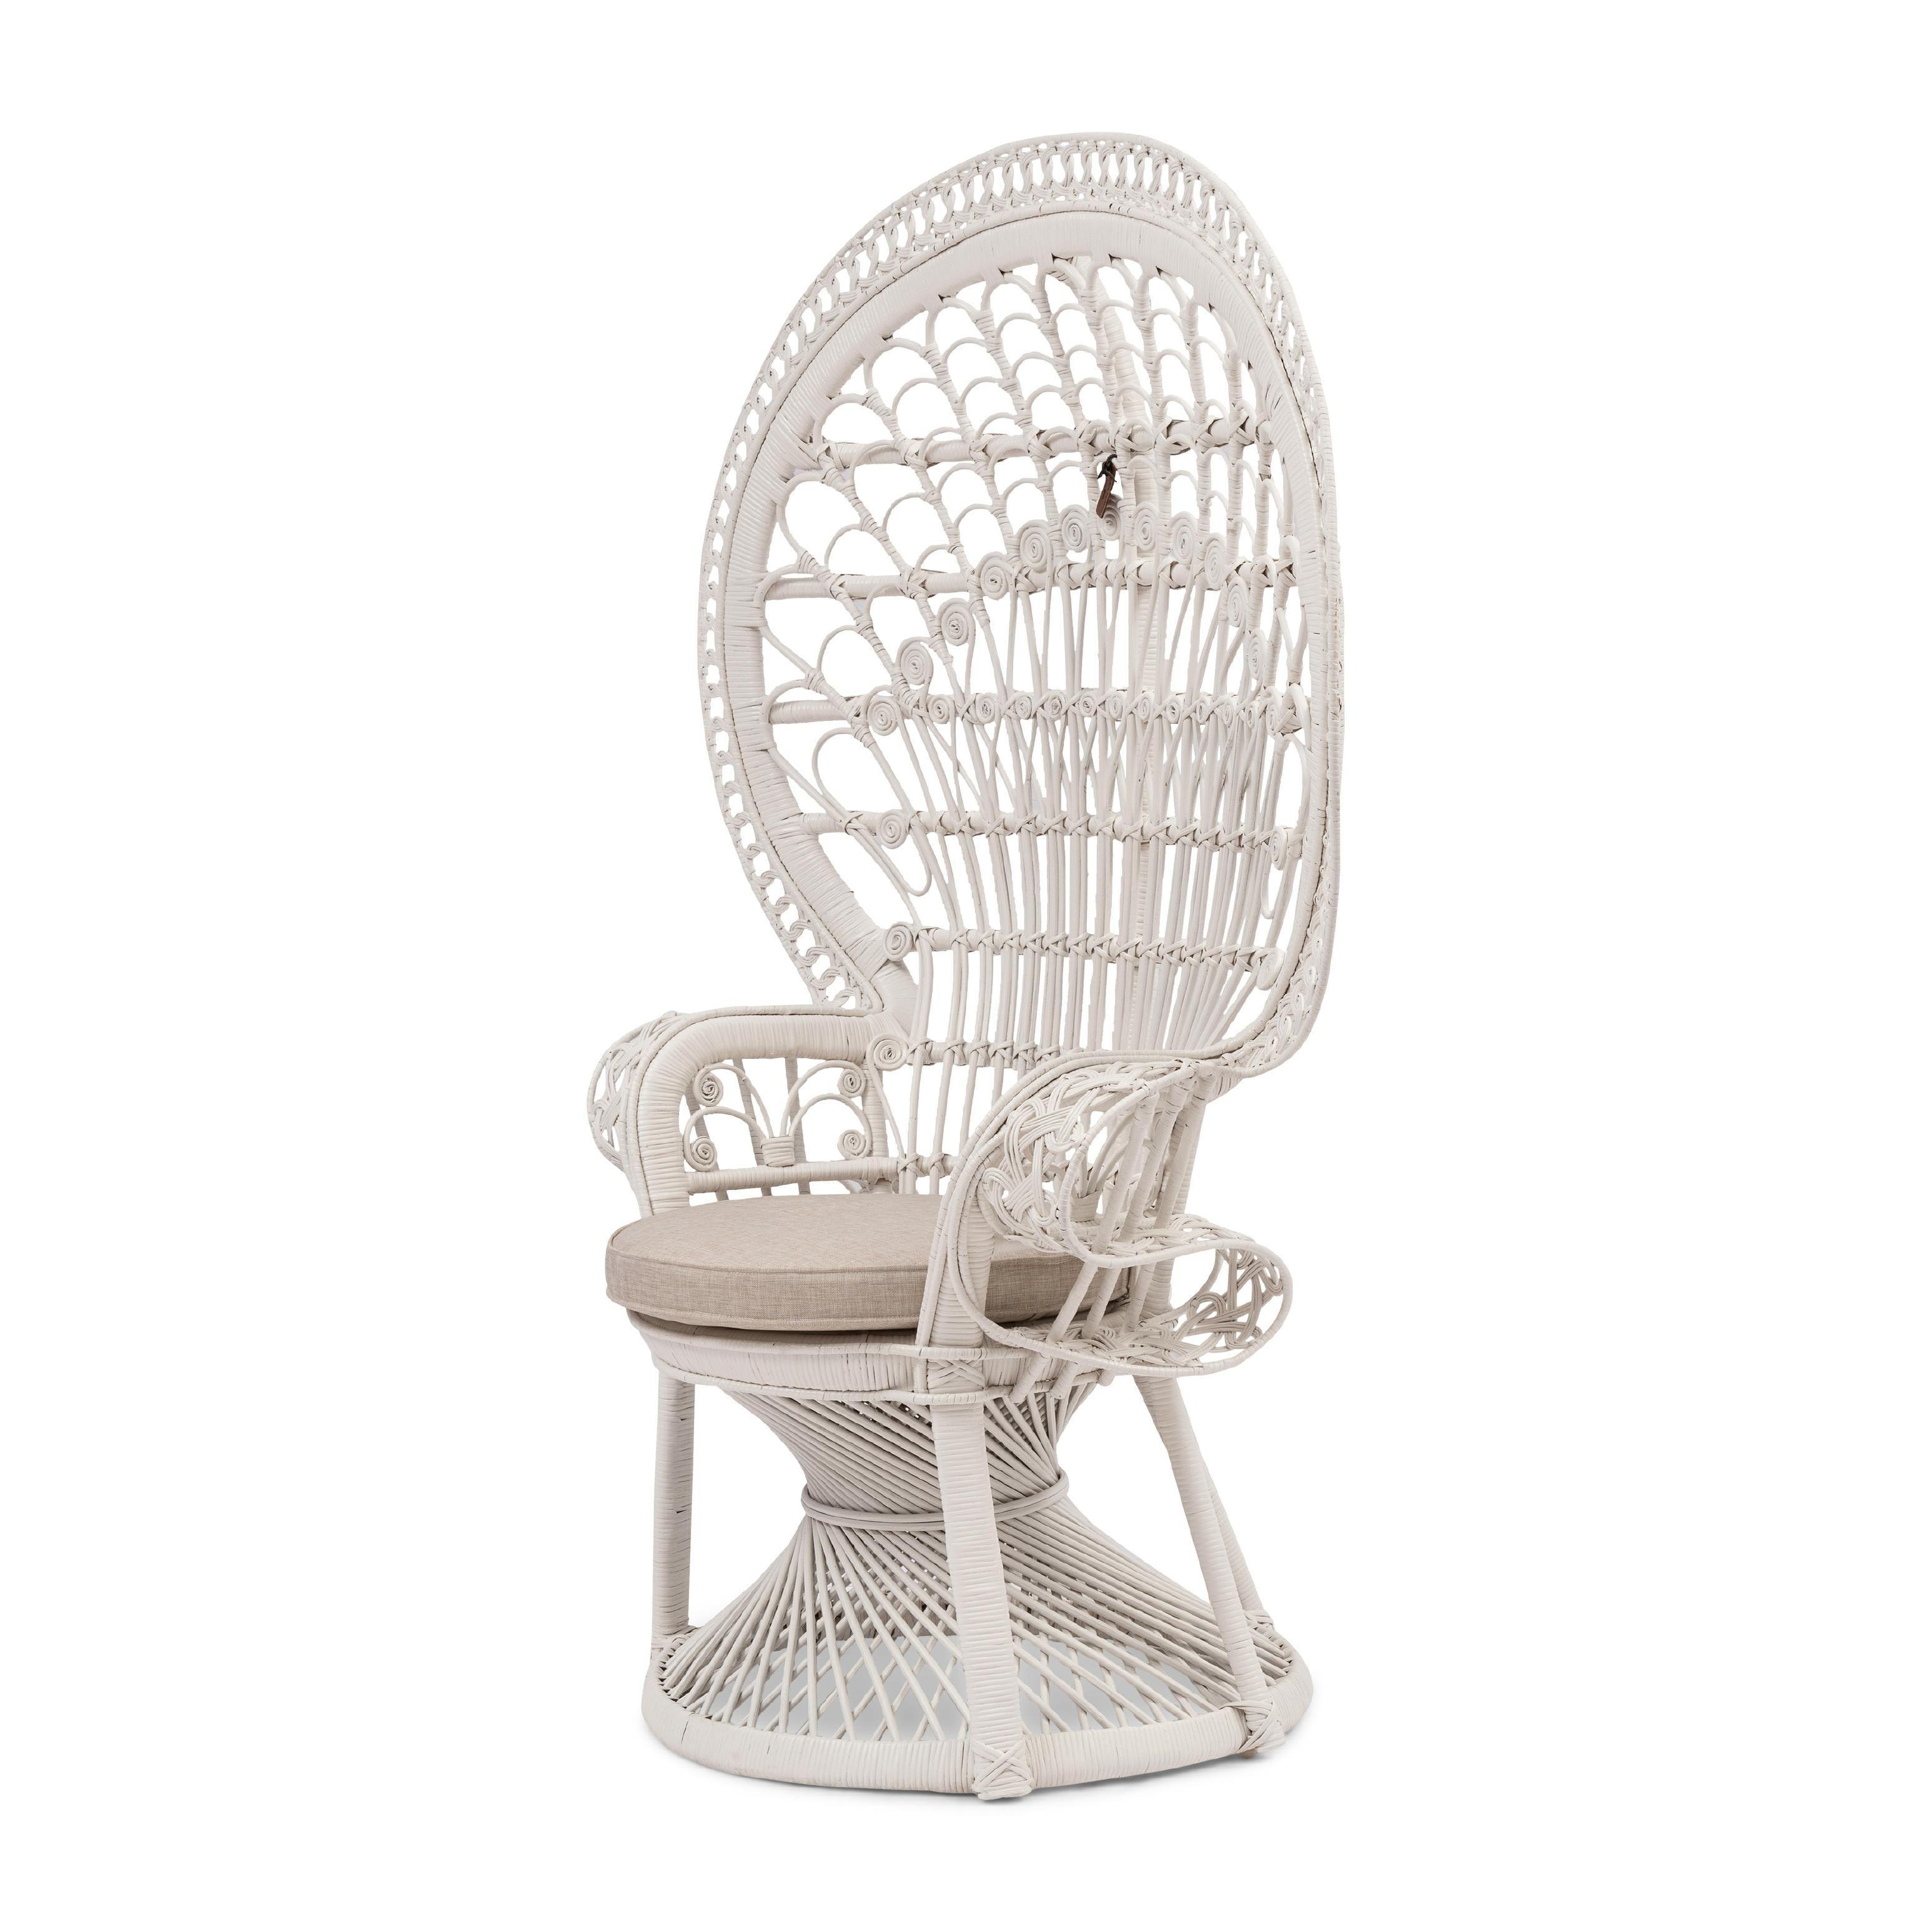 Peacock Chair White / Rivièra Maison